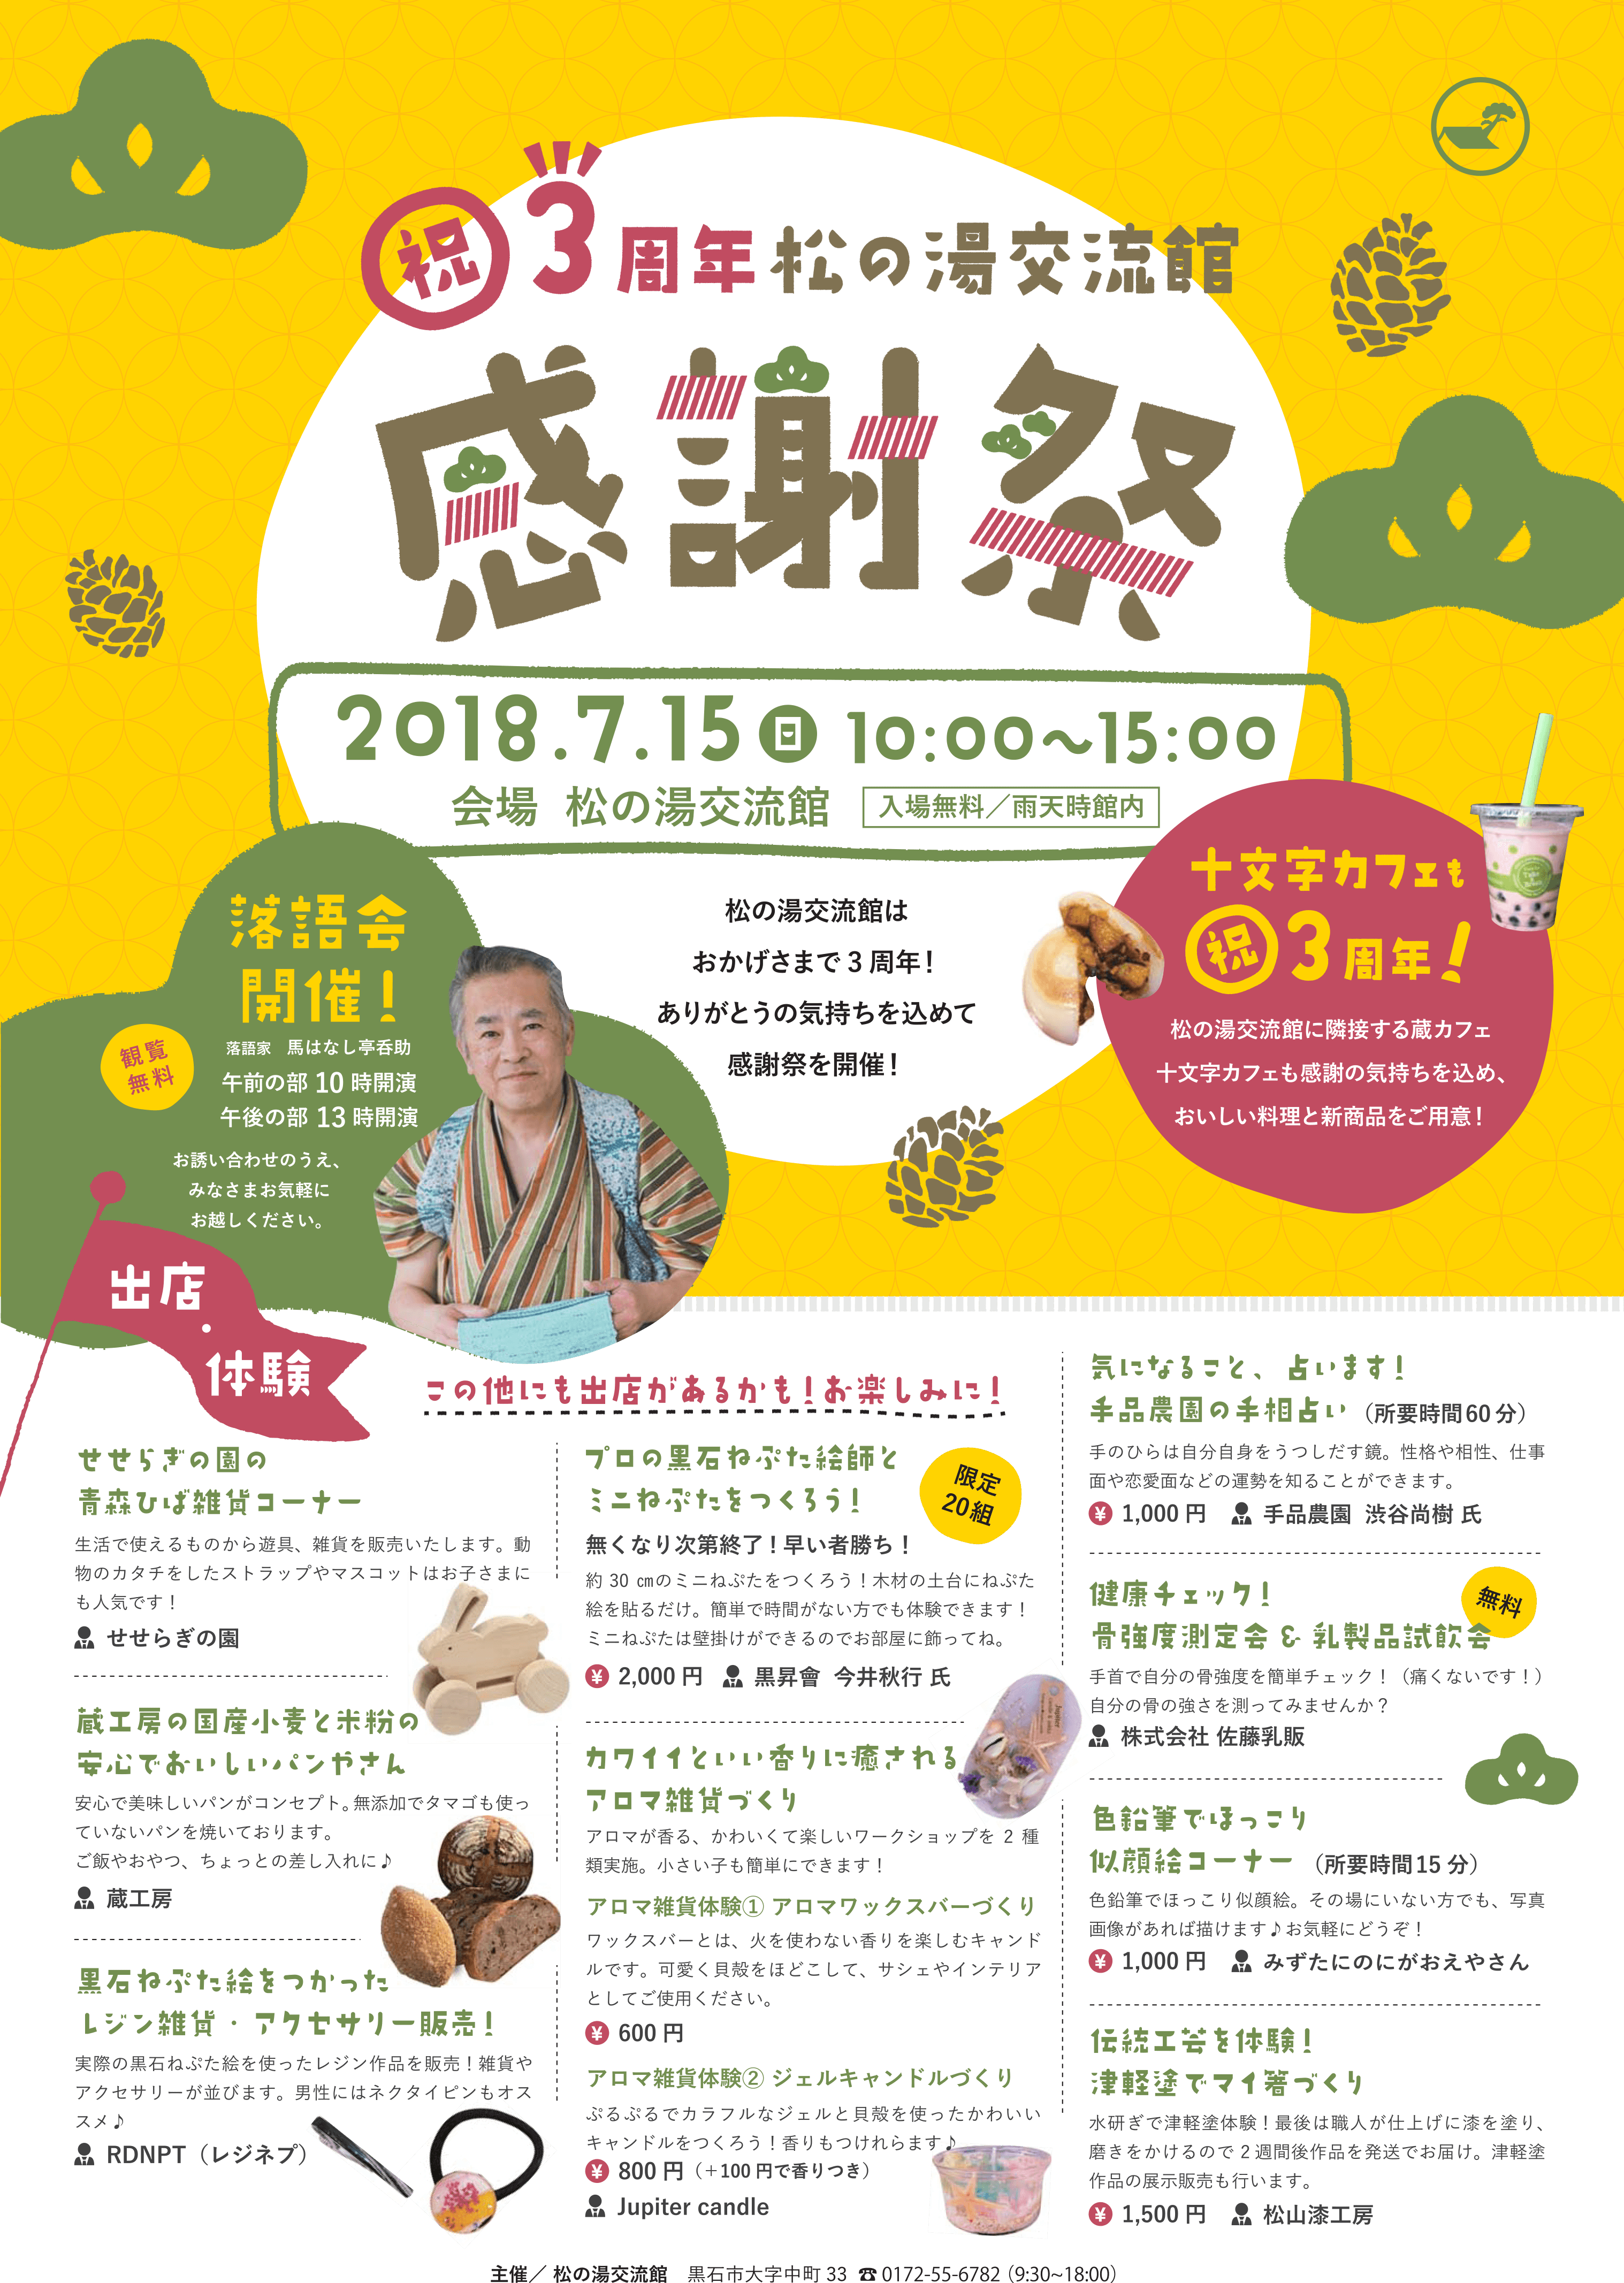 7/15(日)祝3年!松の湯交流館感謝祭